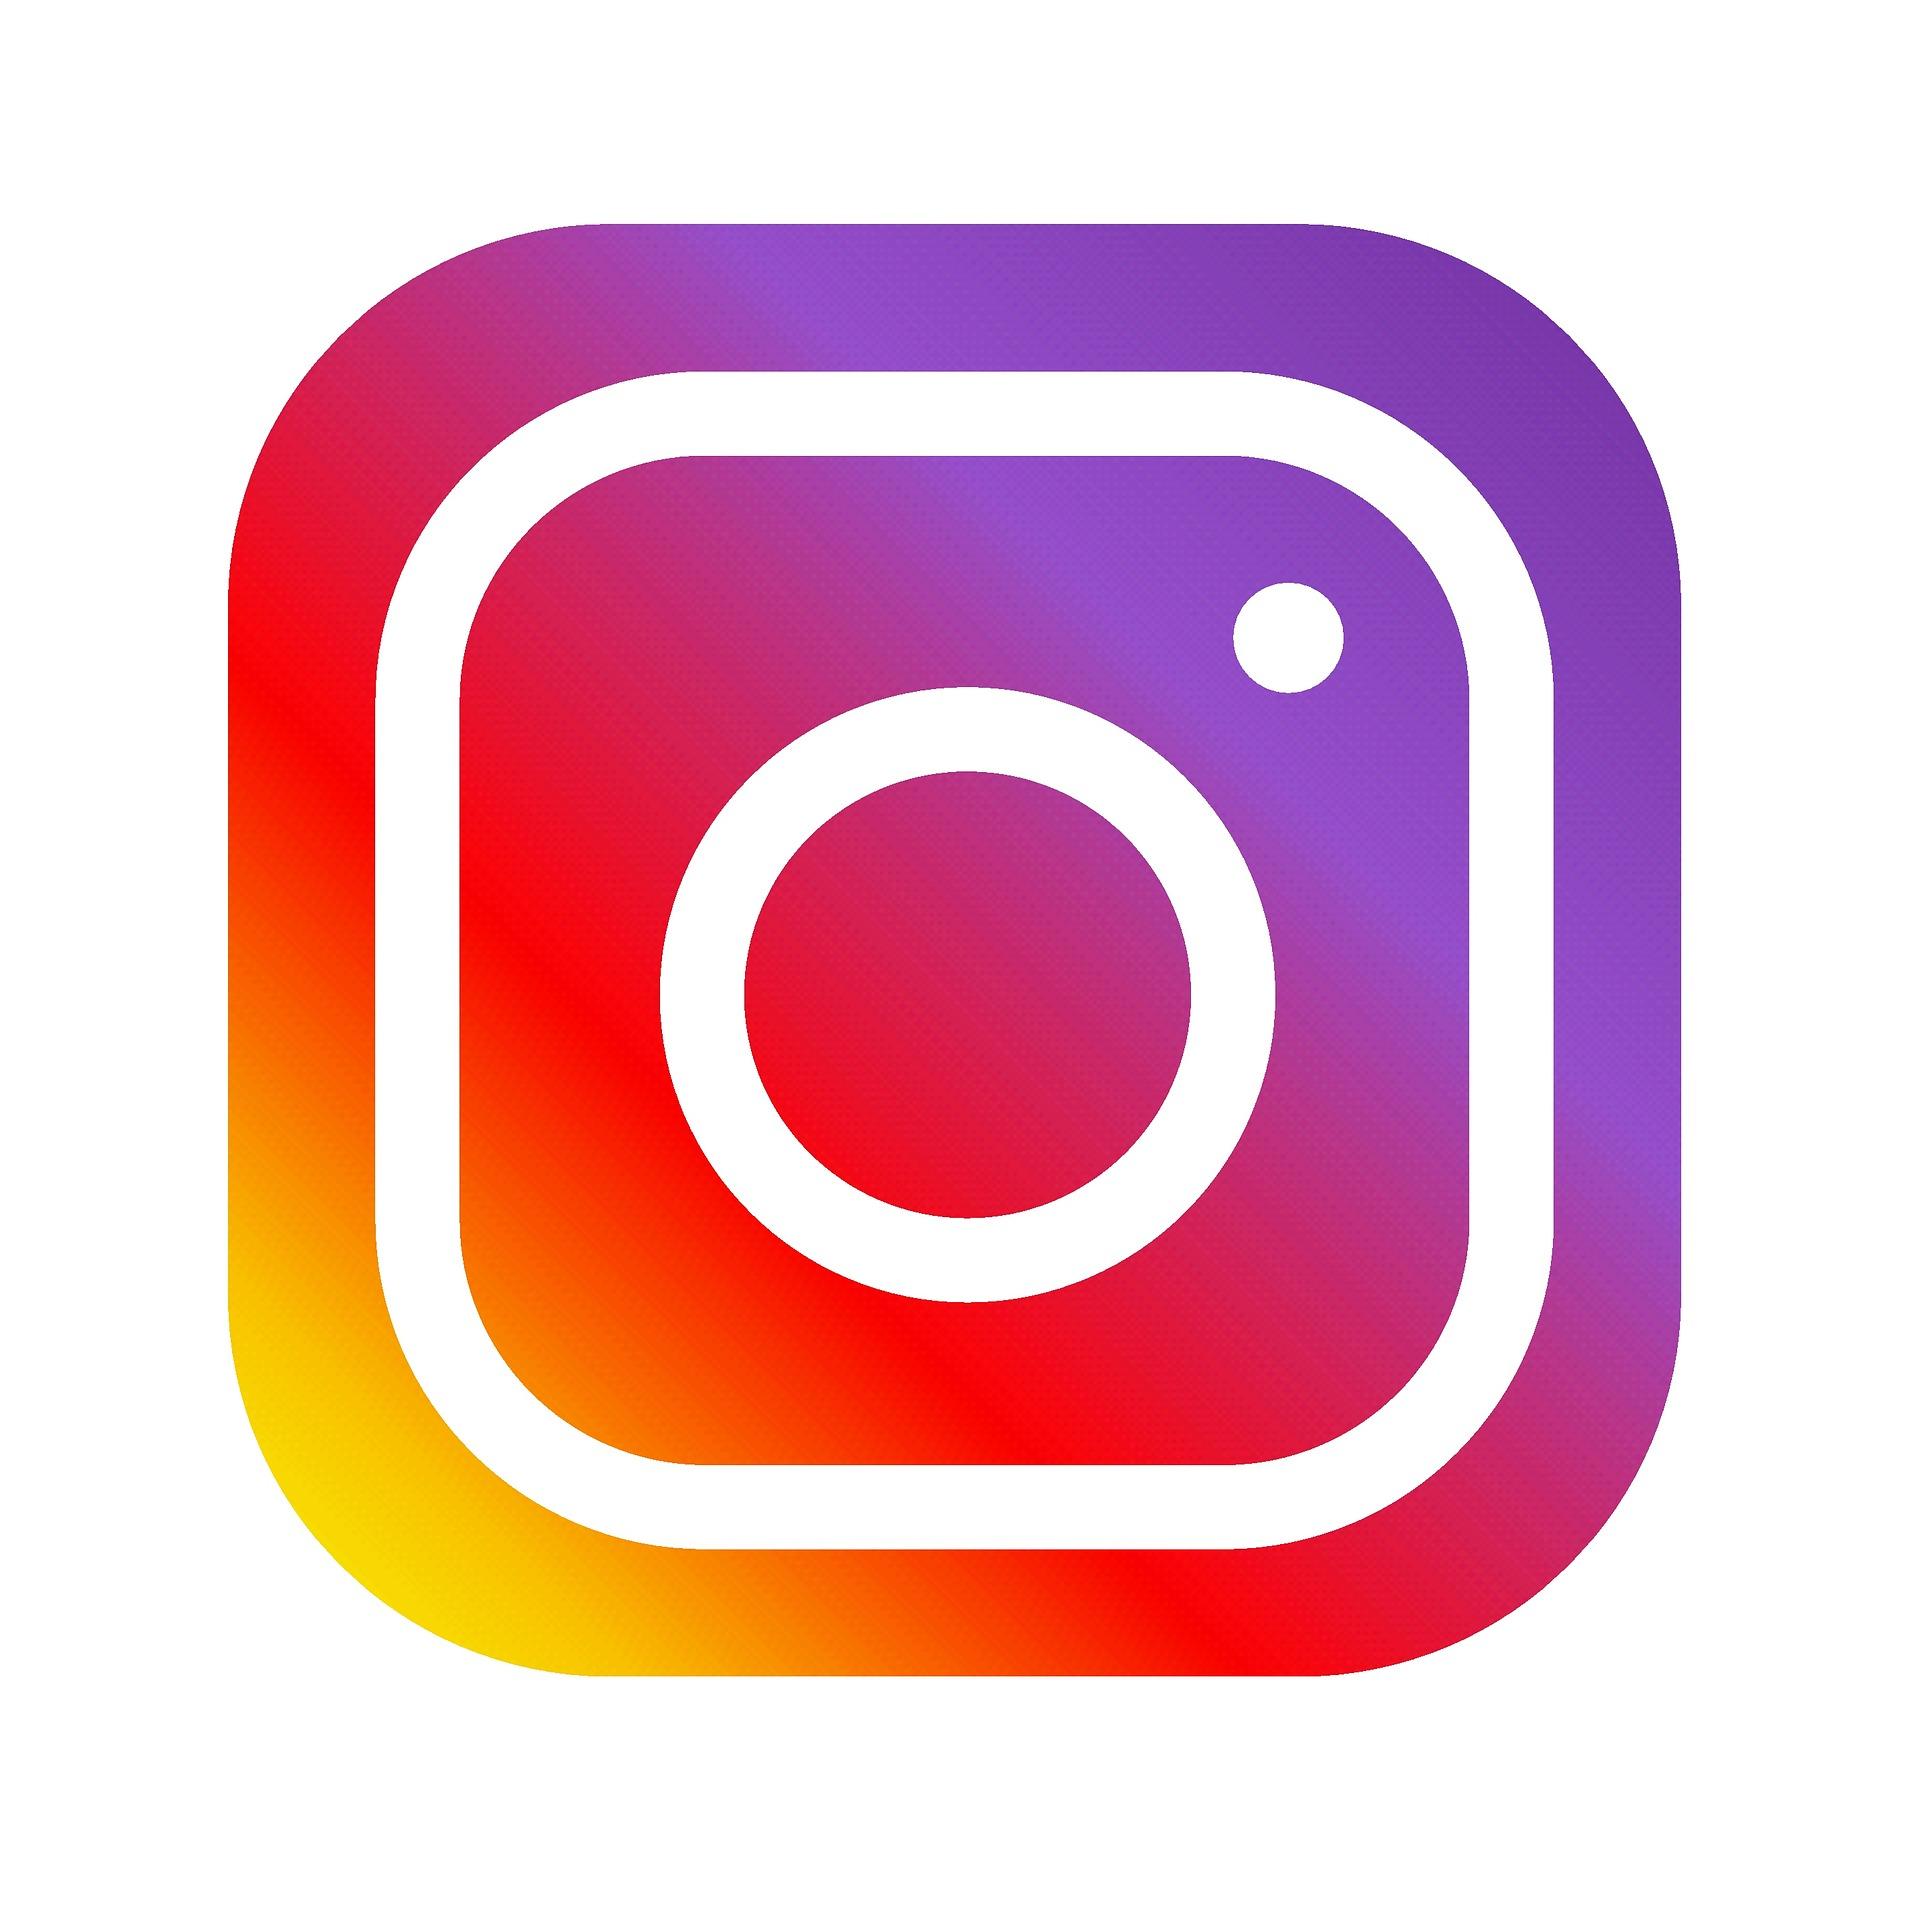 Instagram Clipart-Clipartlook.com-1920-Instagram Clipart-Clipartlook.com-1920-2